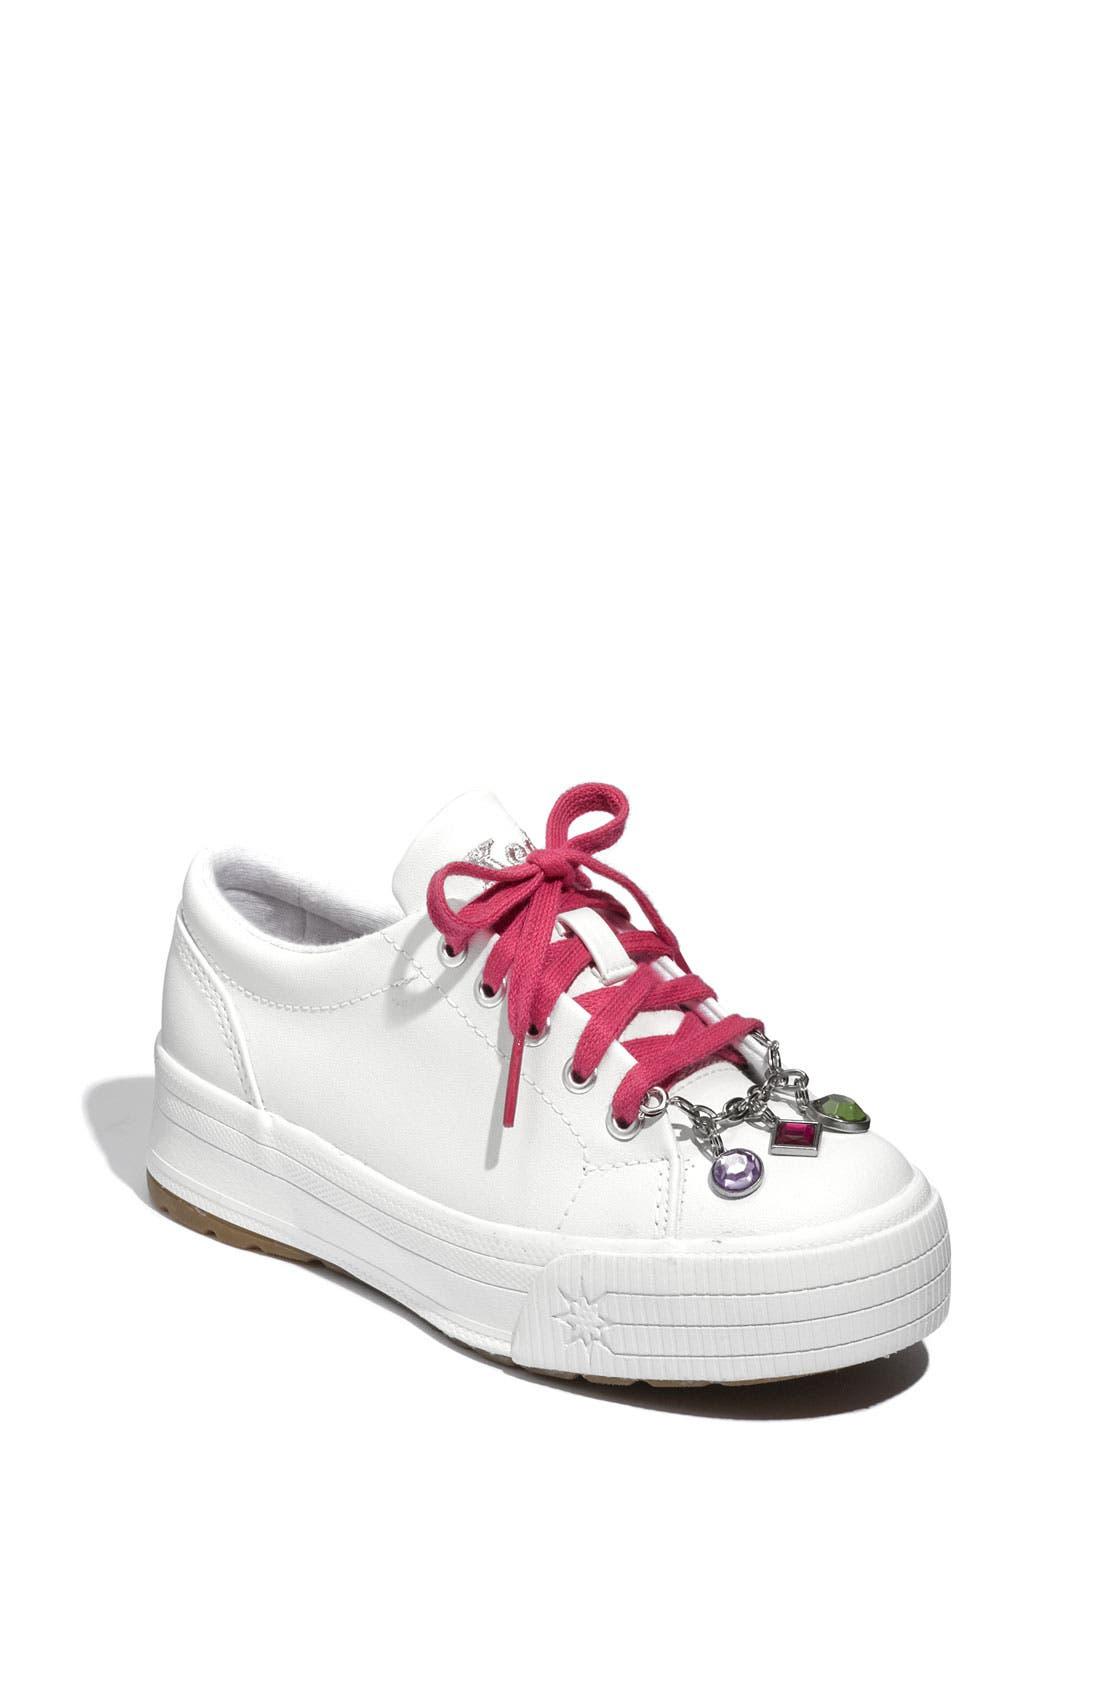 Alternate Image 1 Selected - Keds® 'Glisten' Sneaker (Toddler, Little Kid & Big Kid)